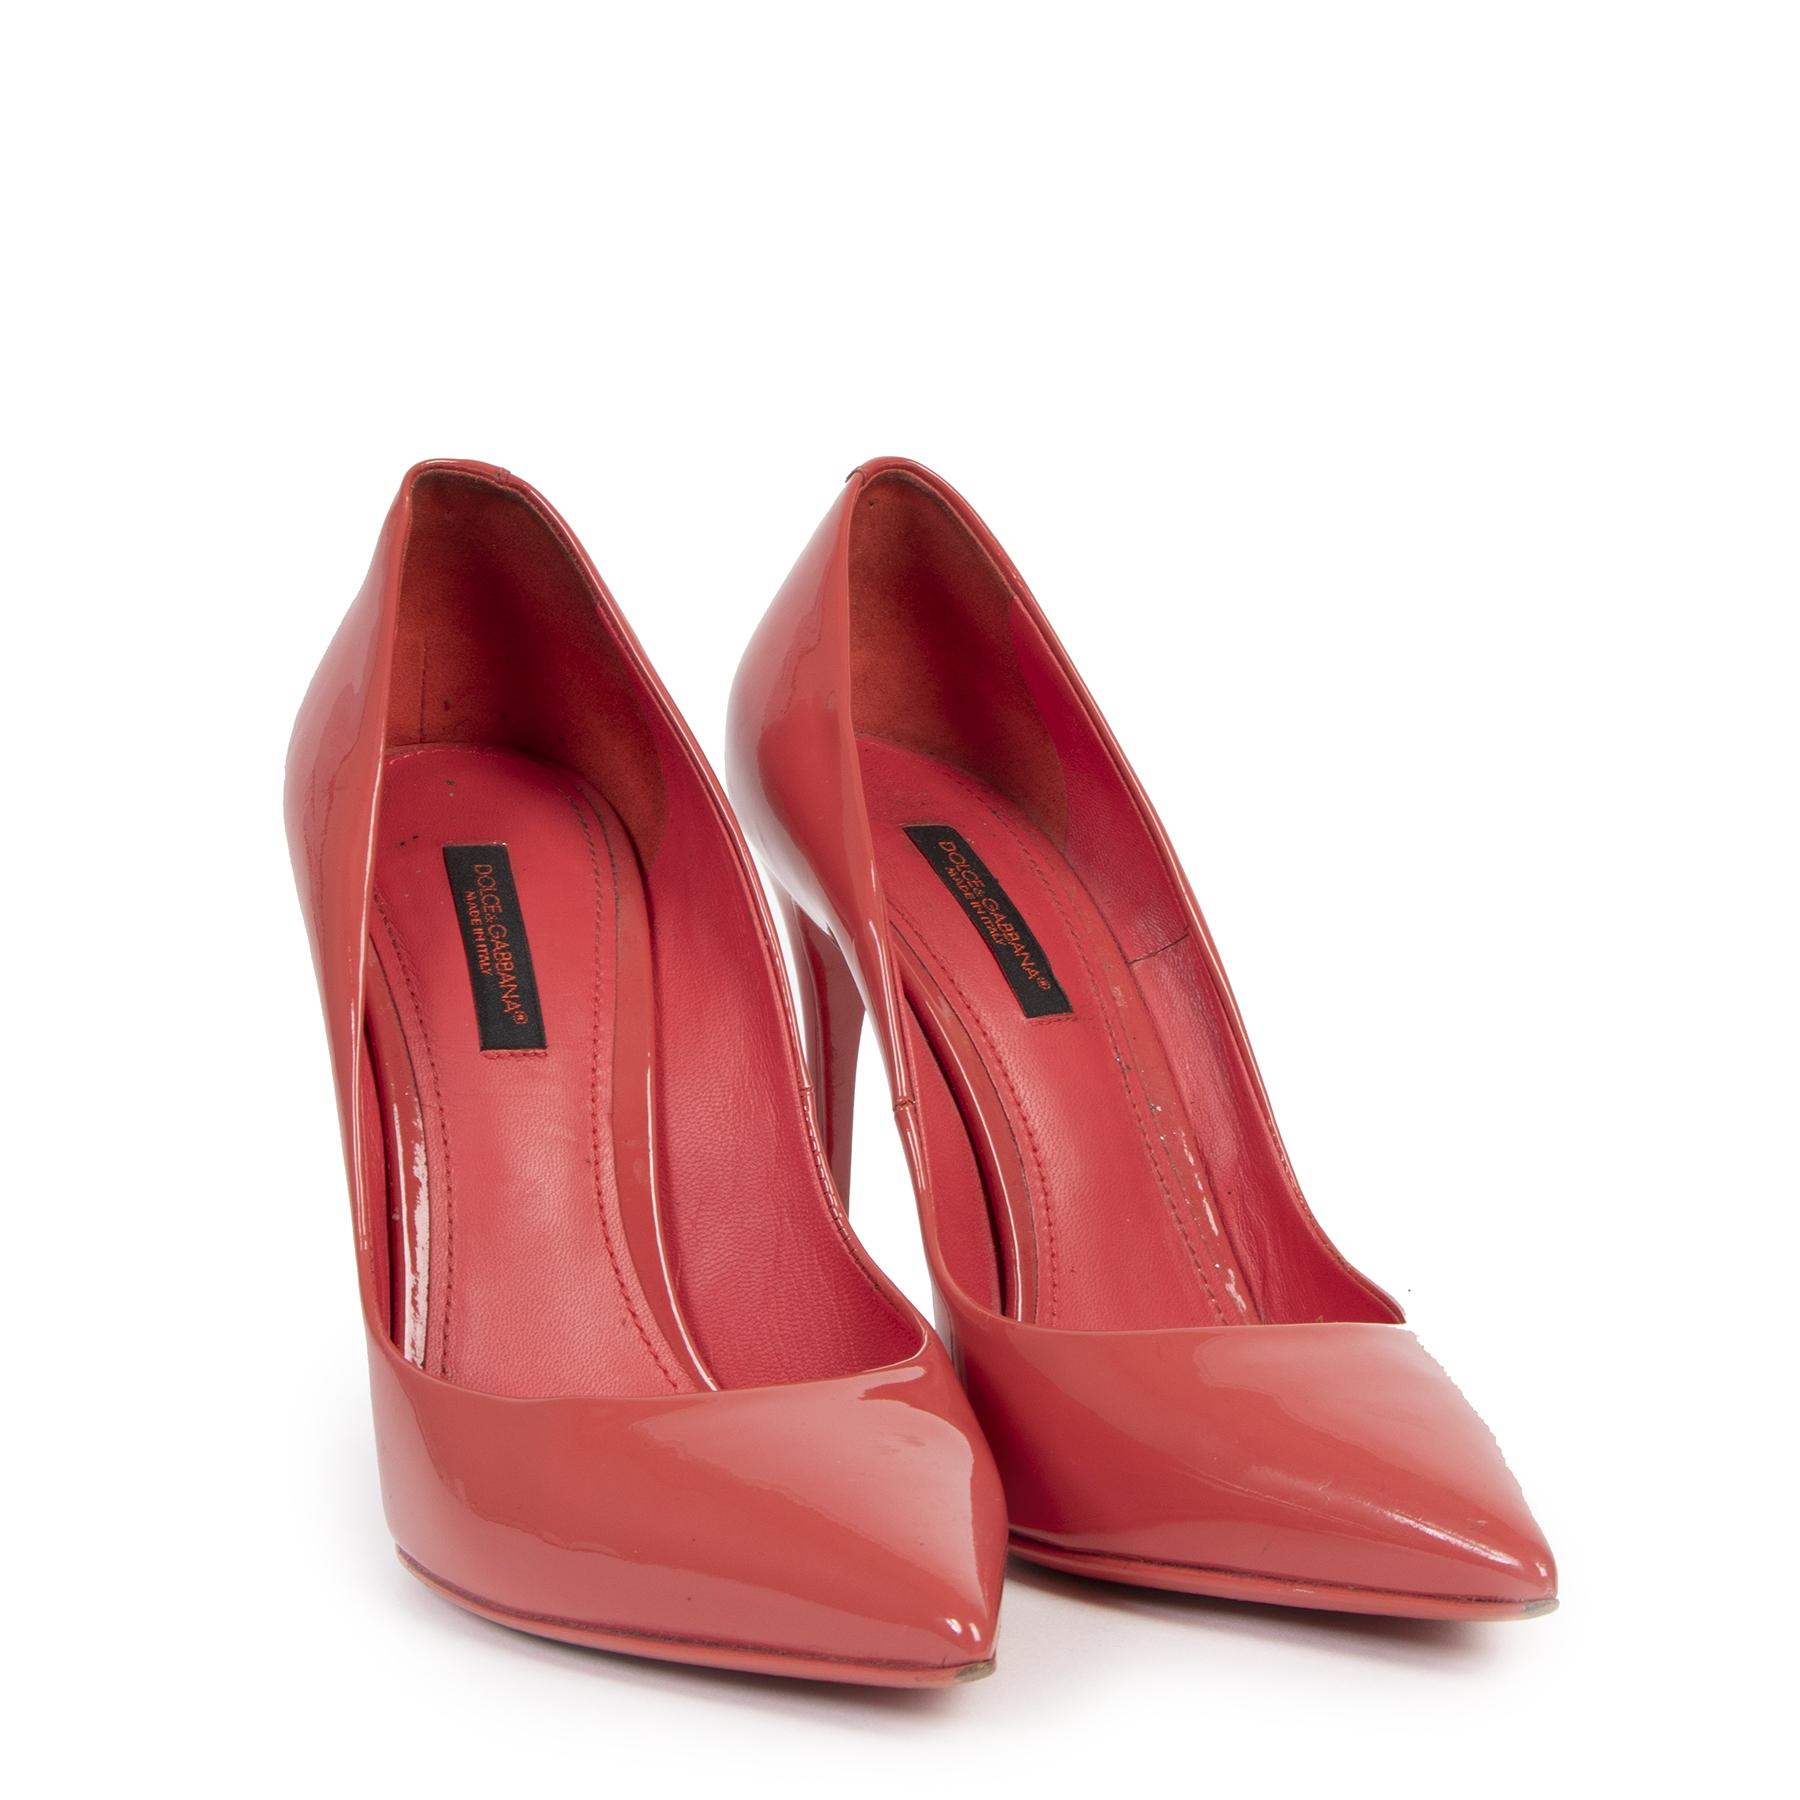 Koop authentieke tweedehands Dolce & Gabbana pumps bij LabelLOV